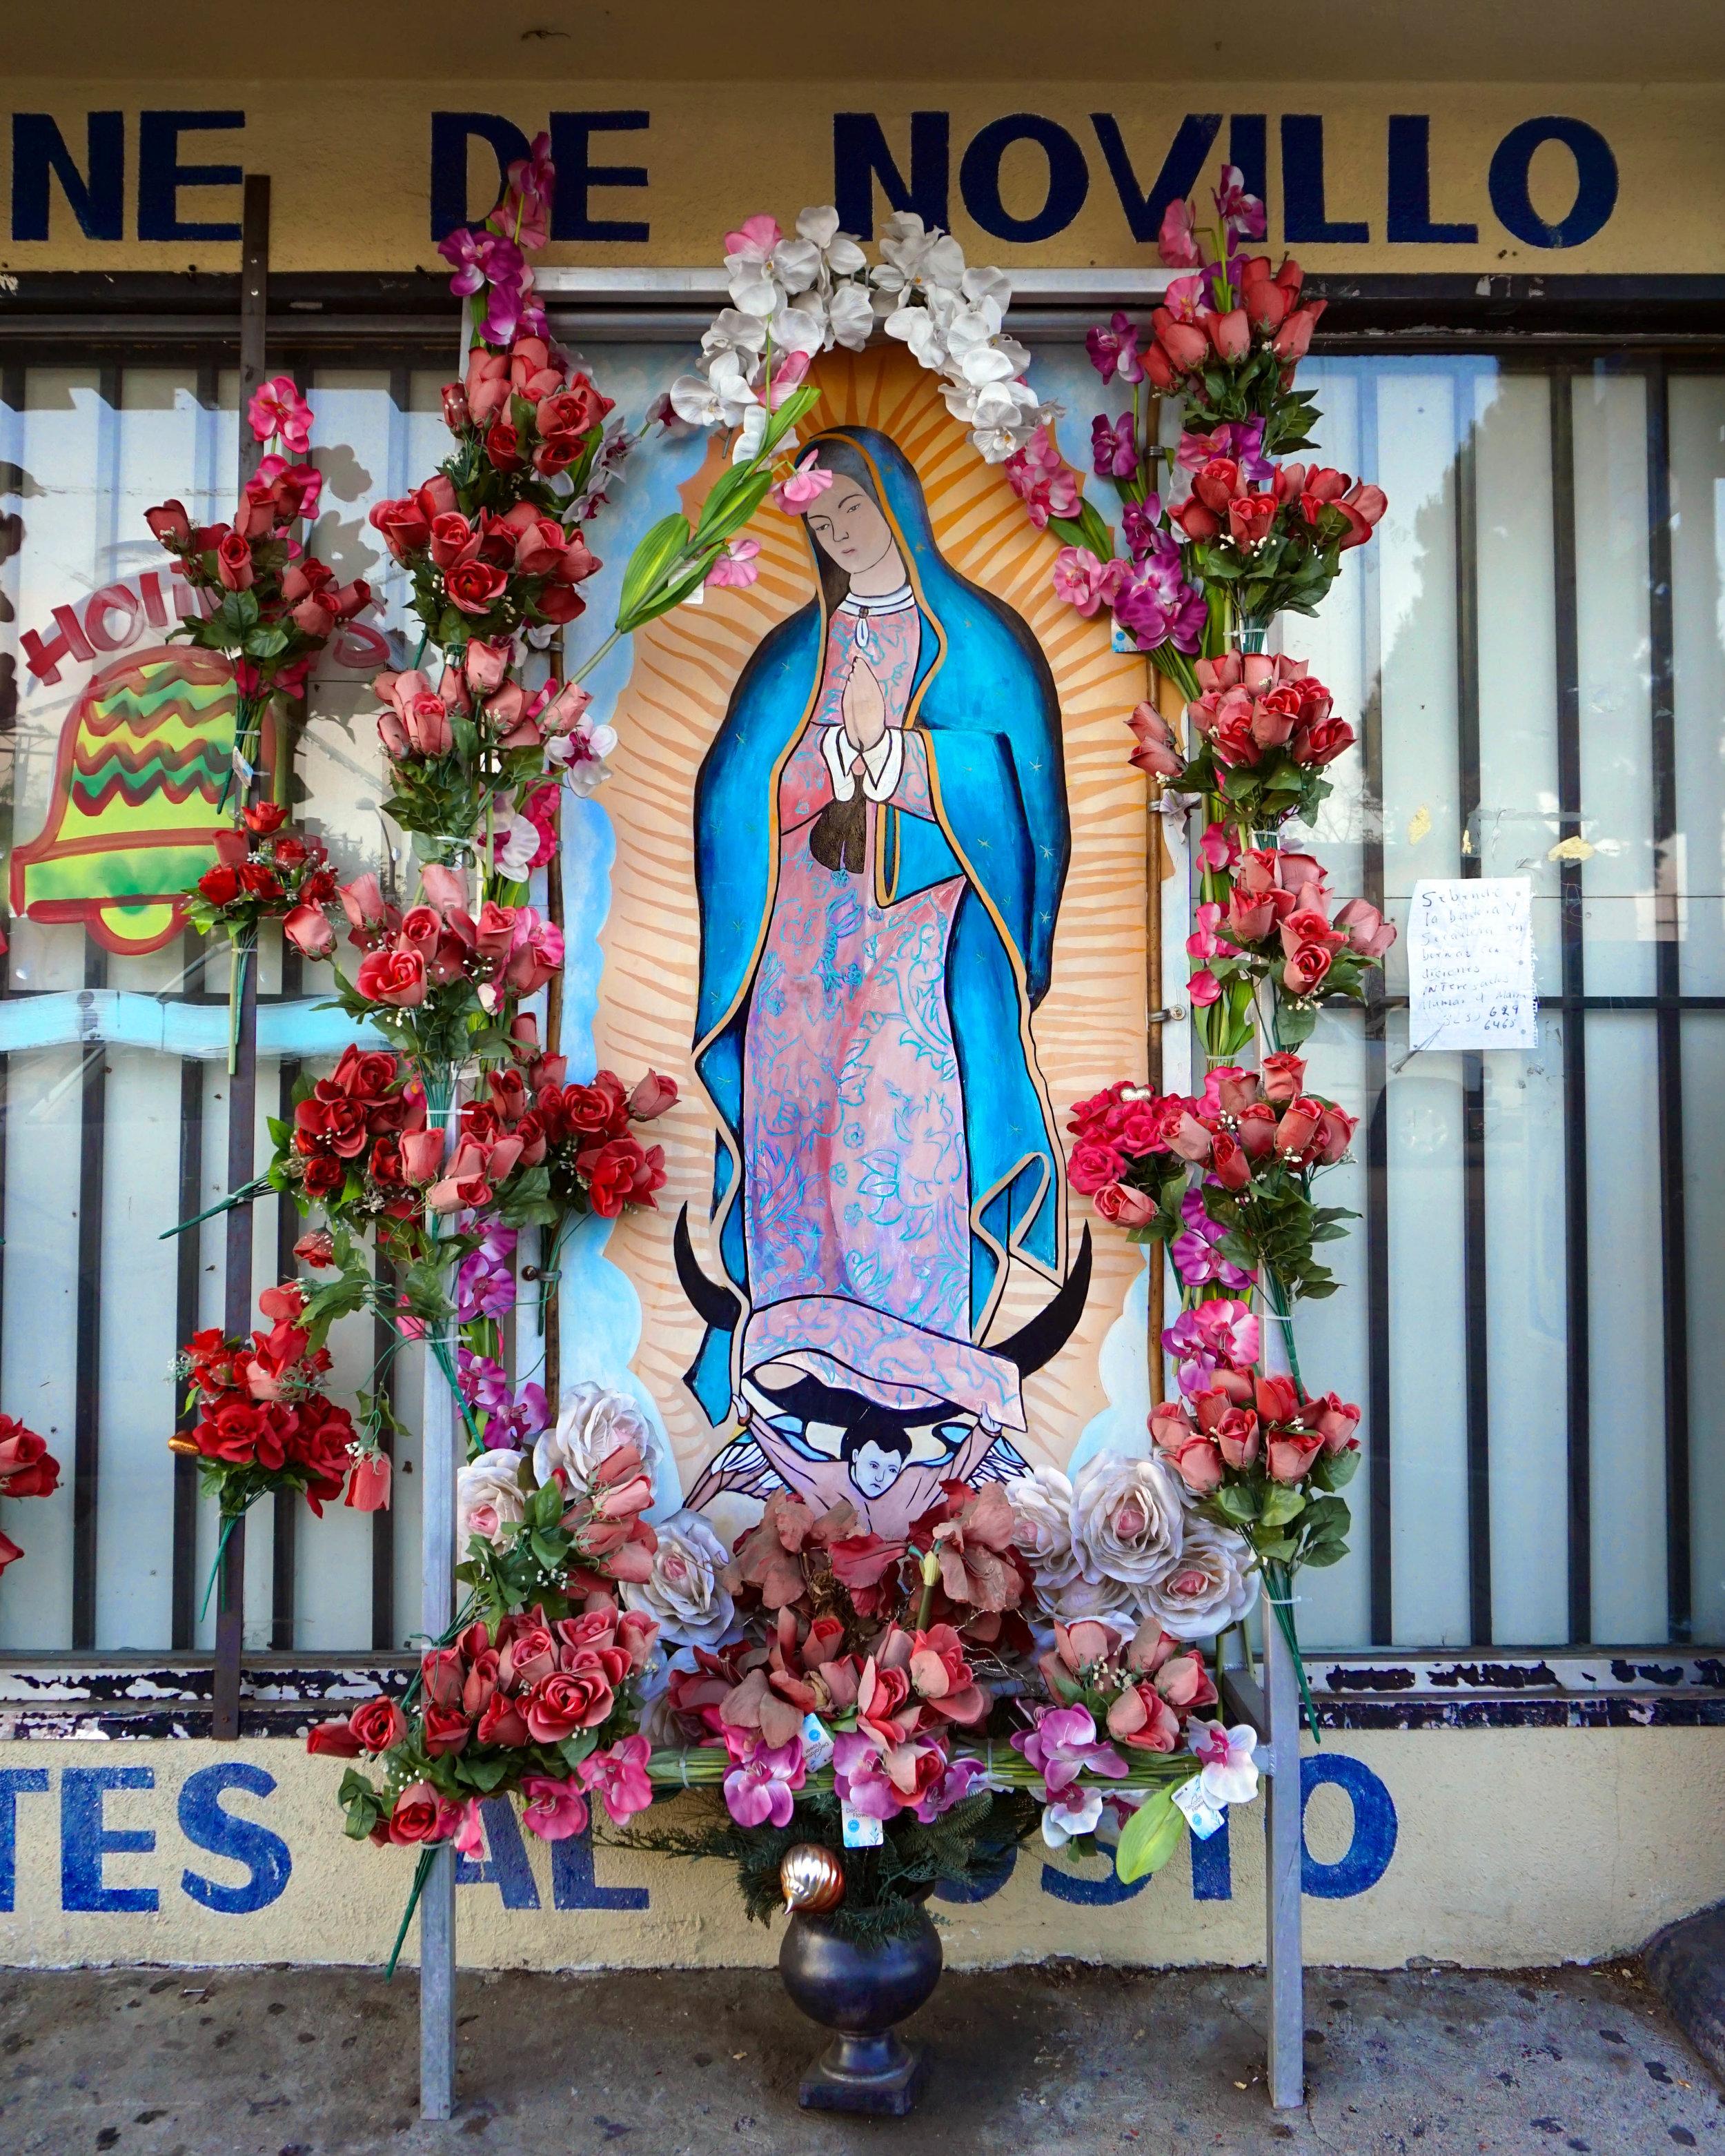 Guadalupe_Store_LEnnox-1.jpg